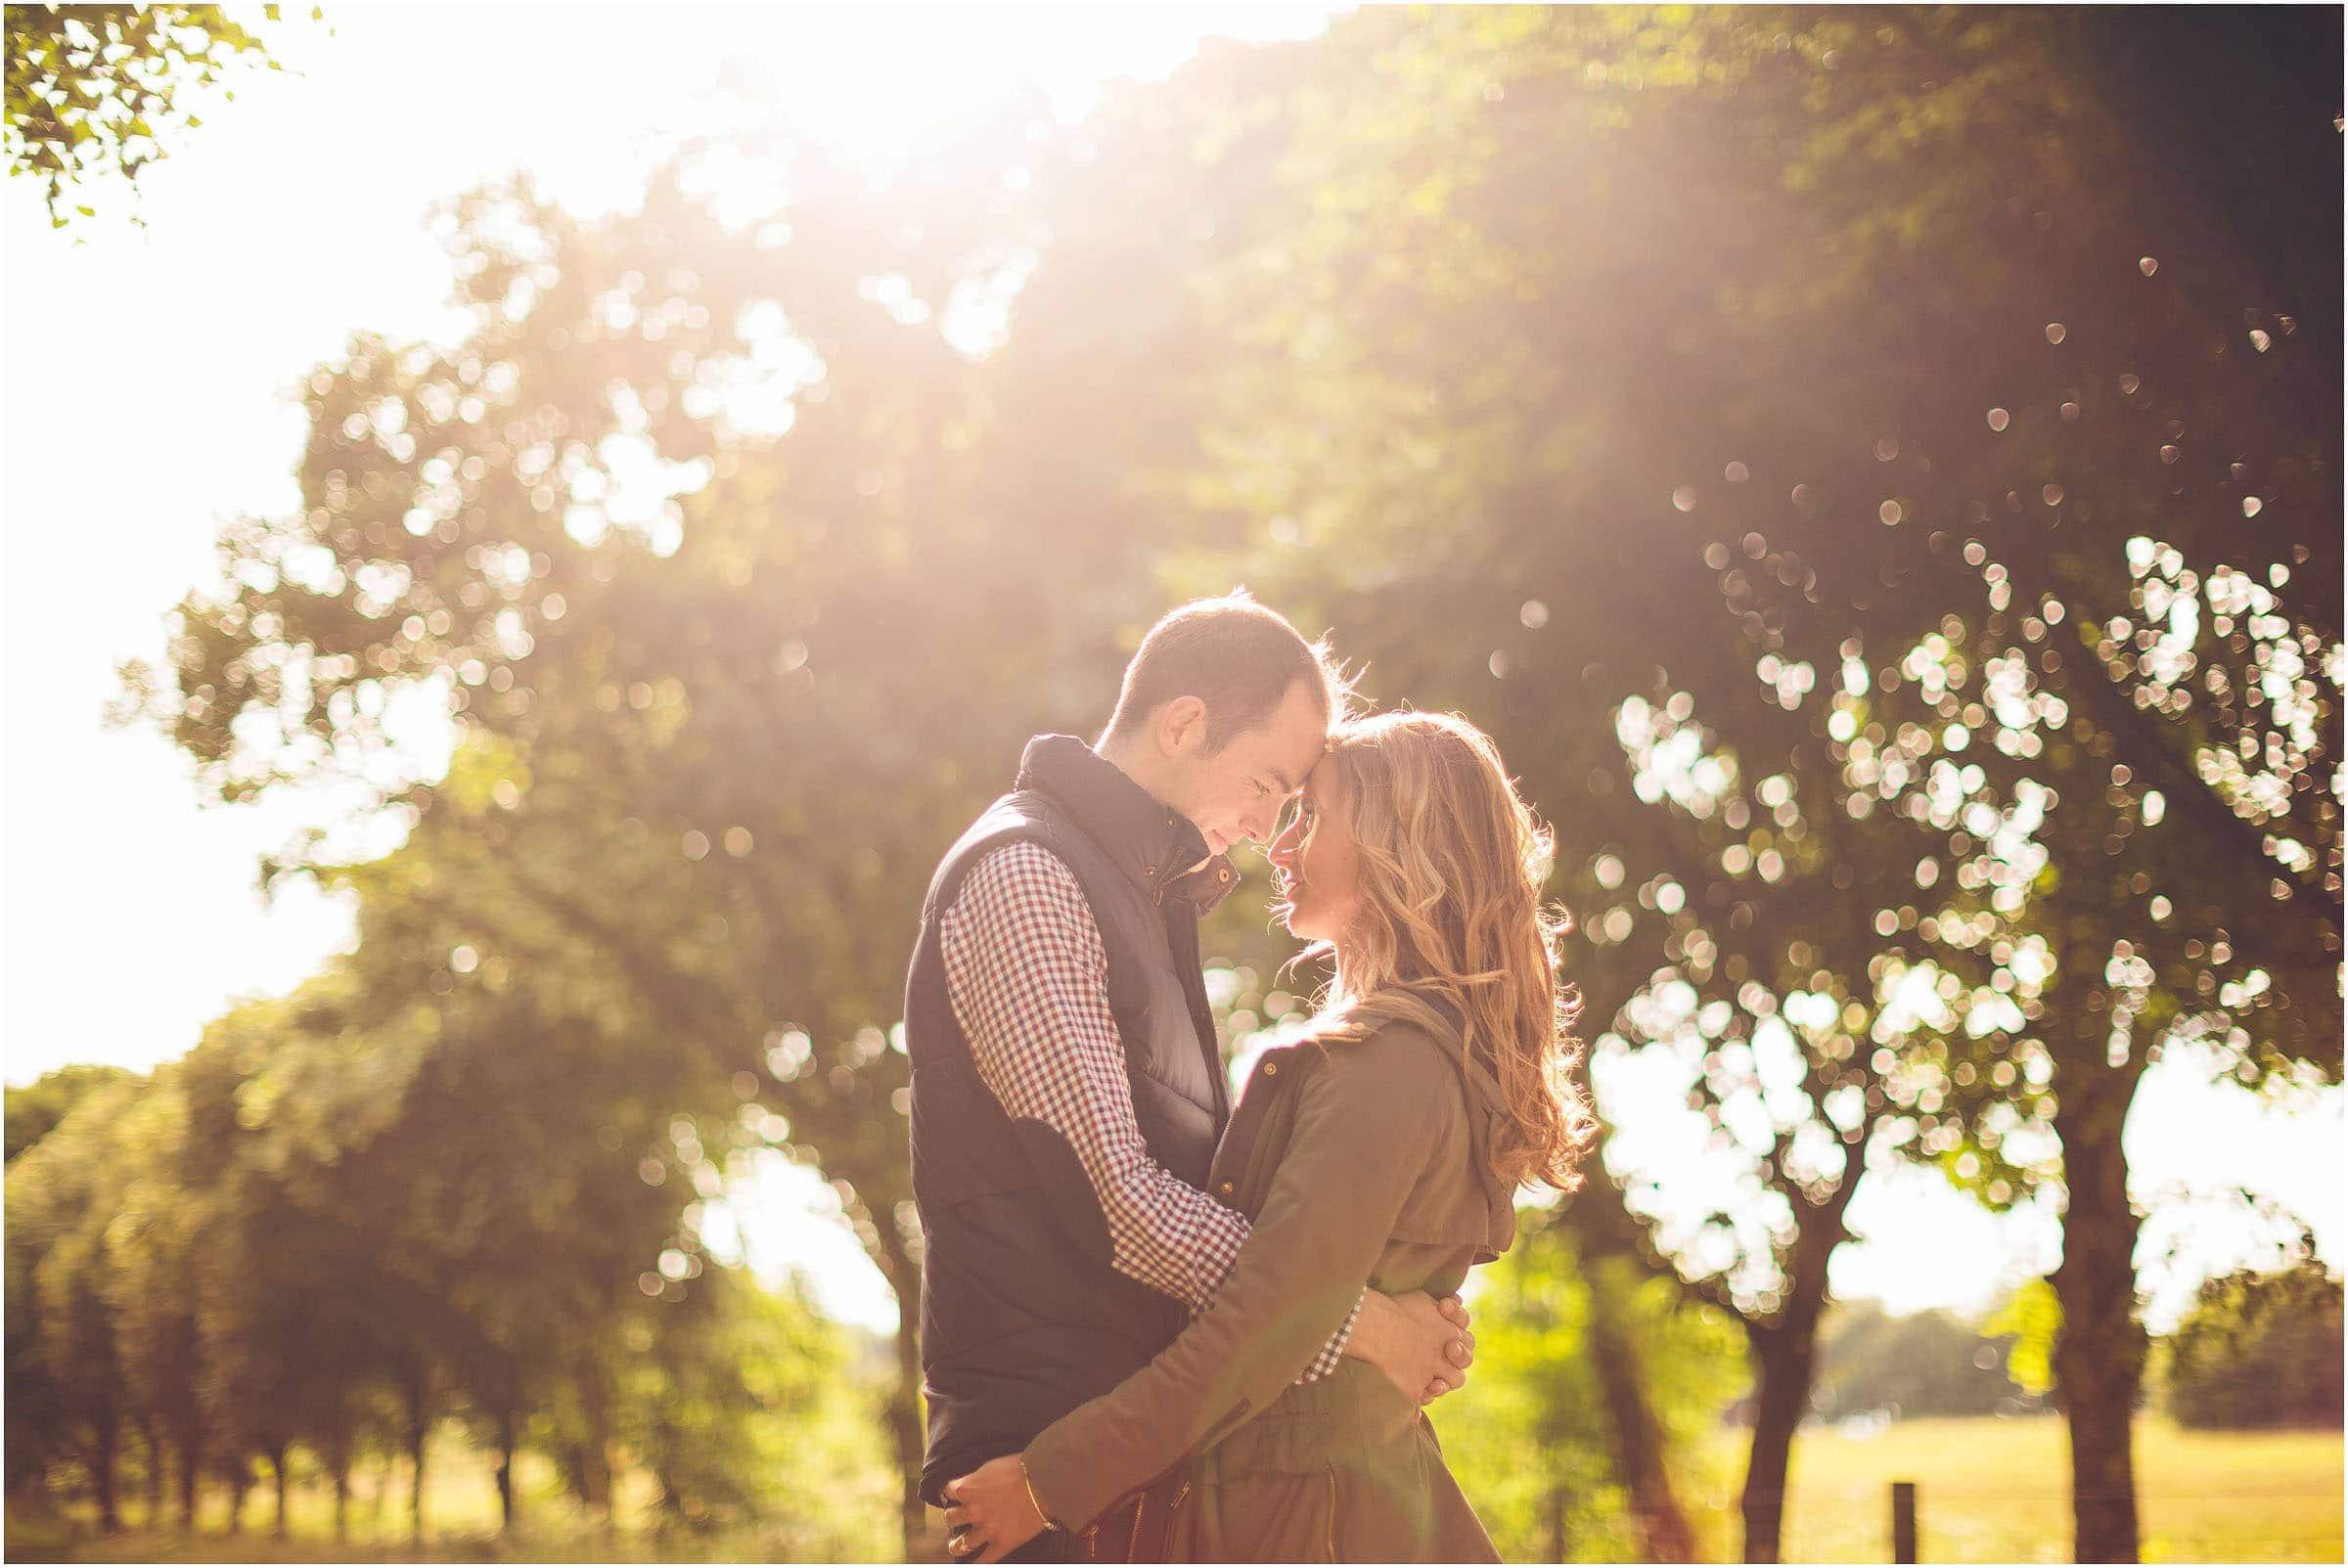 Rivington_Engagement_Photography_0017